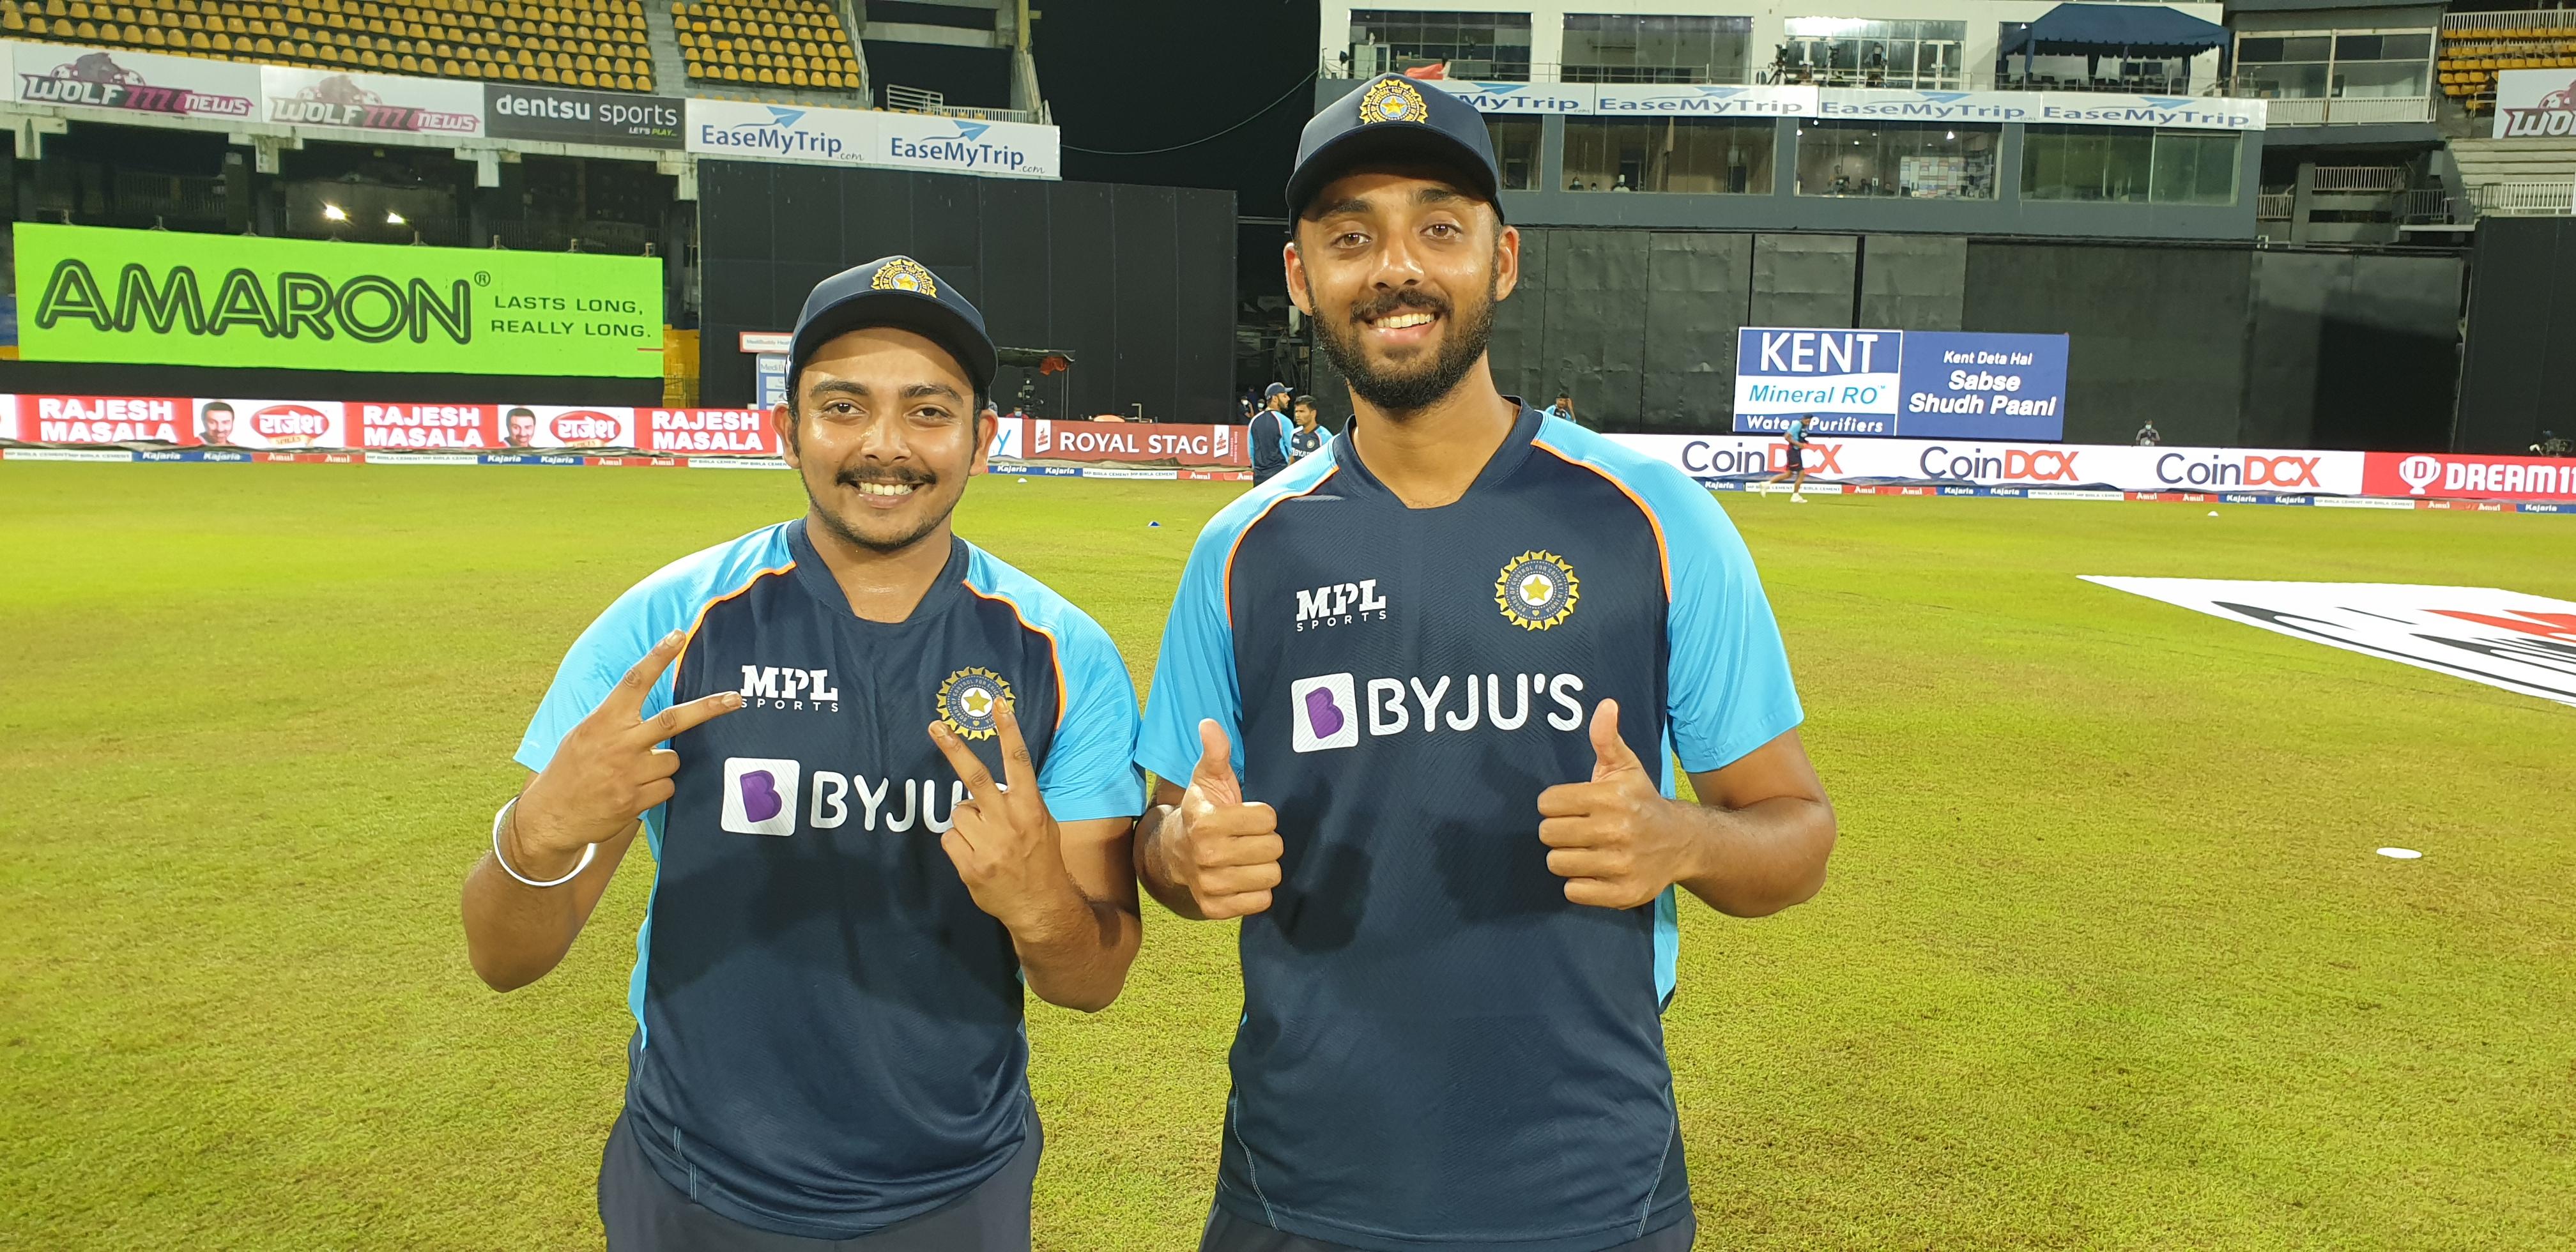 टीम इंडिया के लिए टी-20 में डेब्यू करने वाले पृथ्वी शॉ और वरुण चक्रवर्ती।